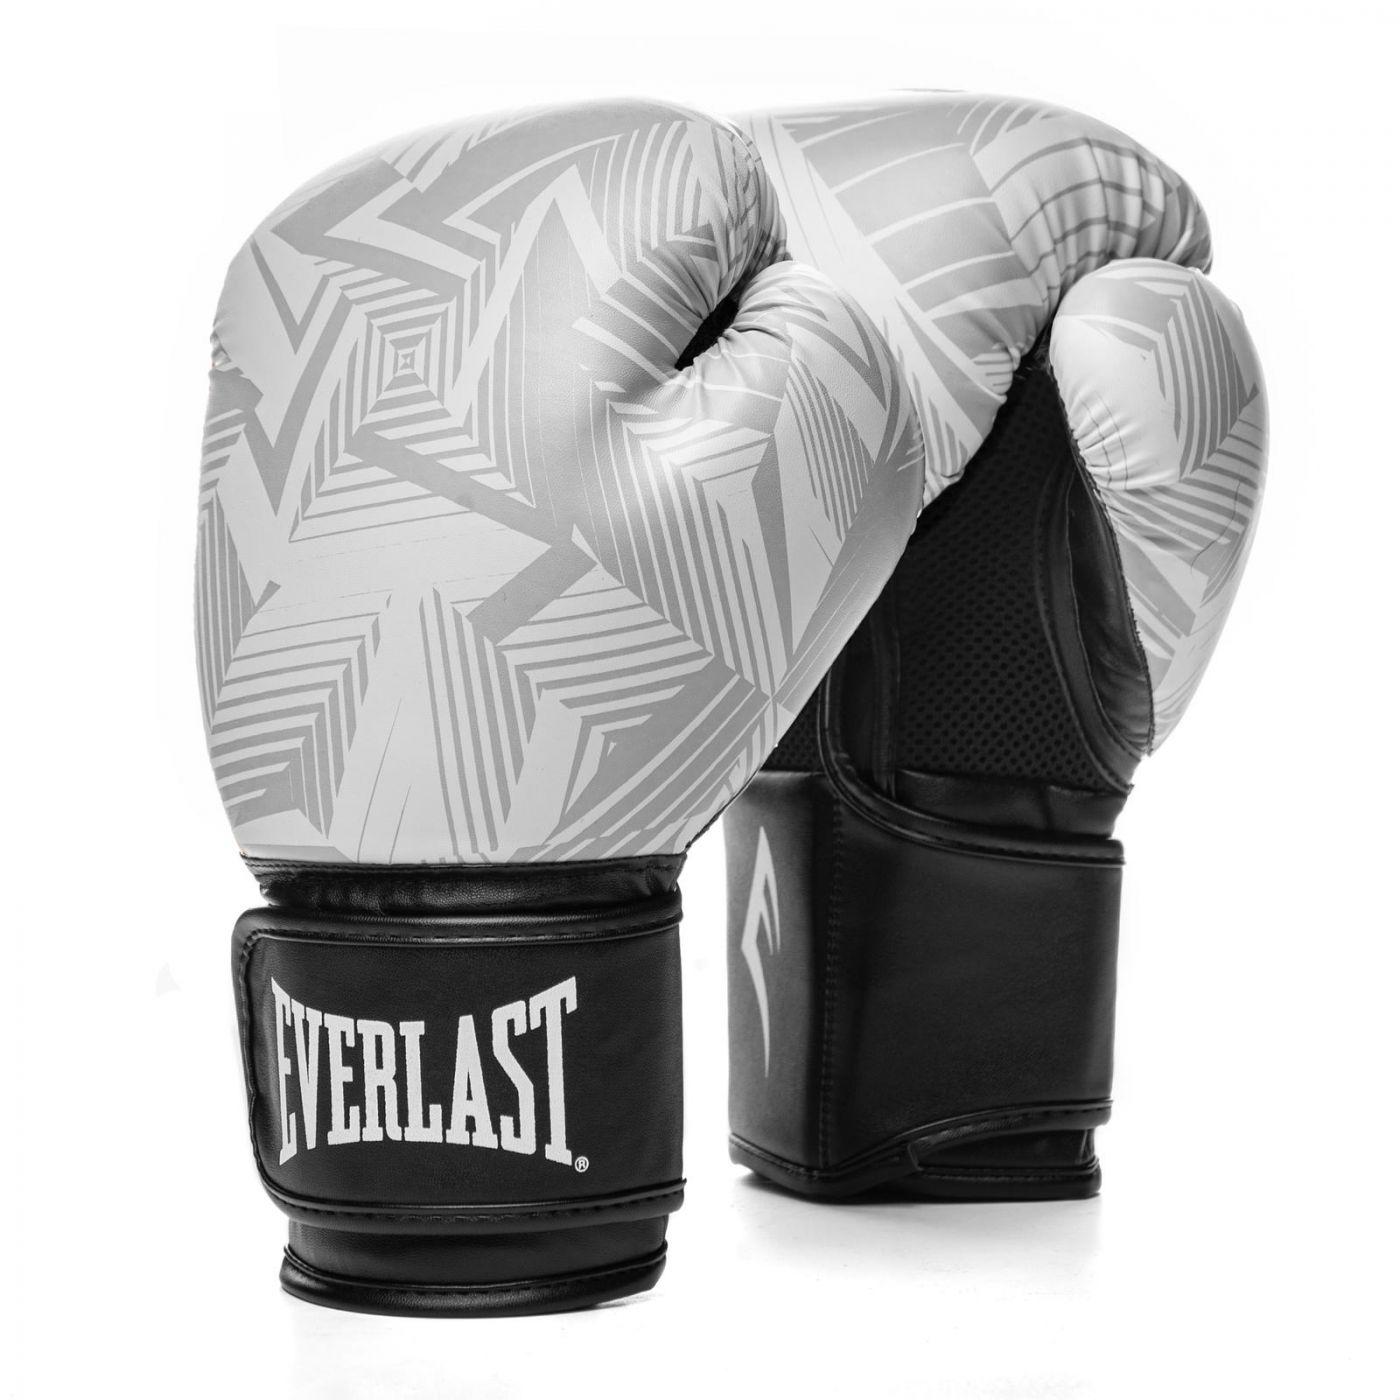 Перчатки тренировочные Everlast  Spark 14oz бел/гео, артикул P00002411